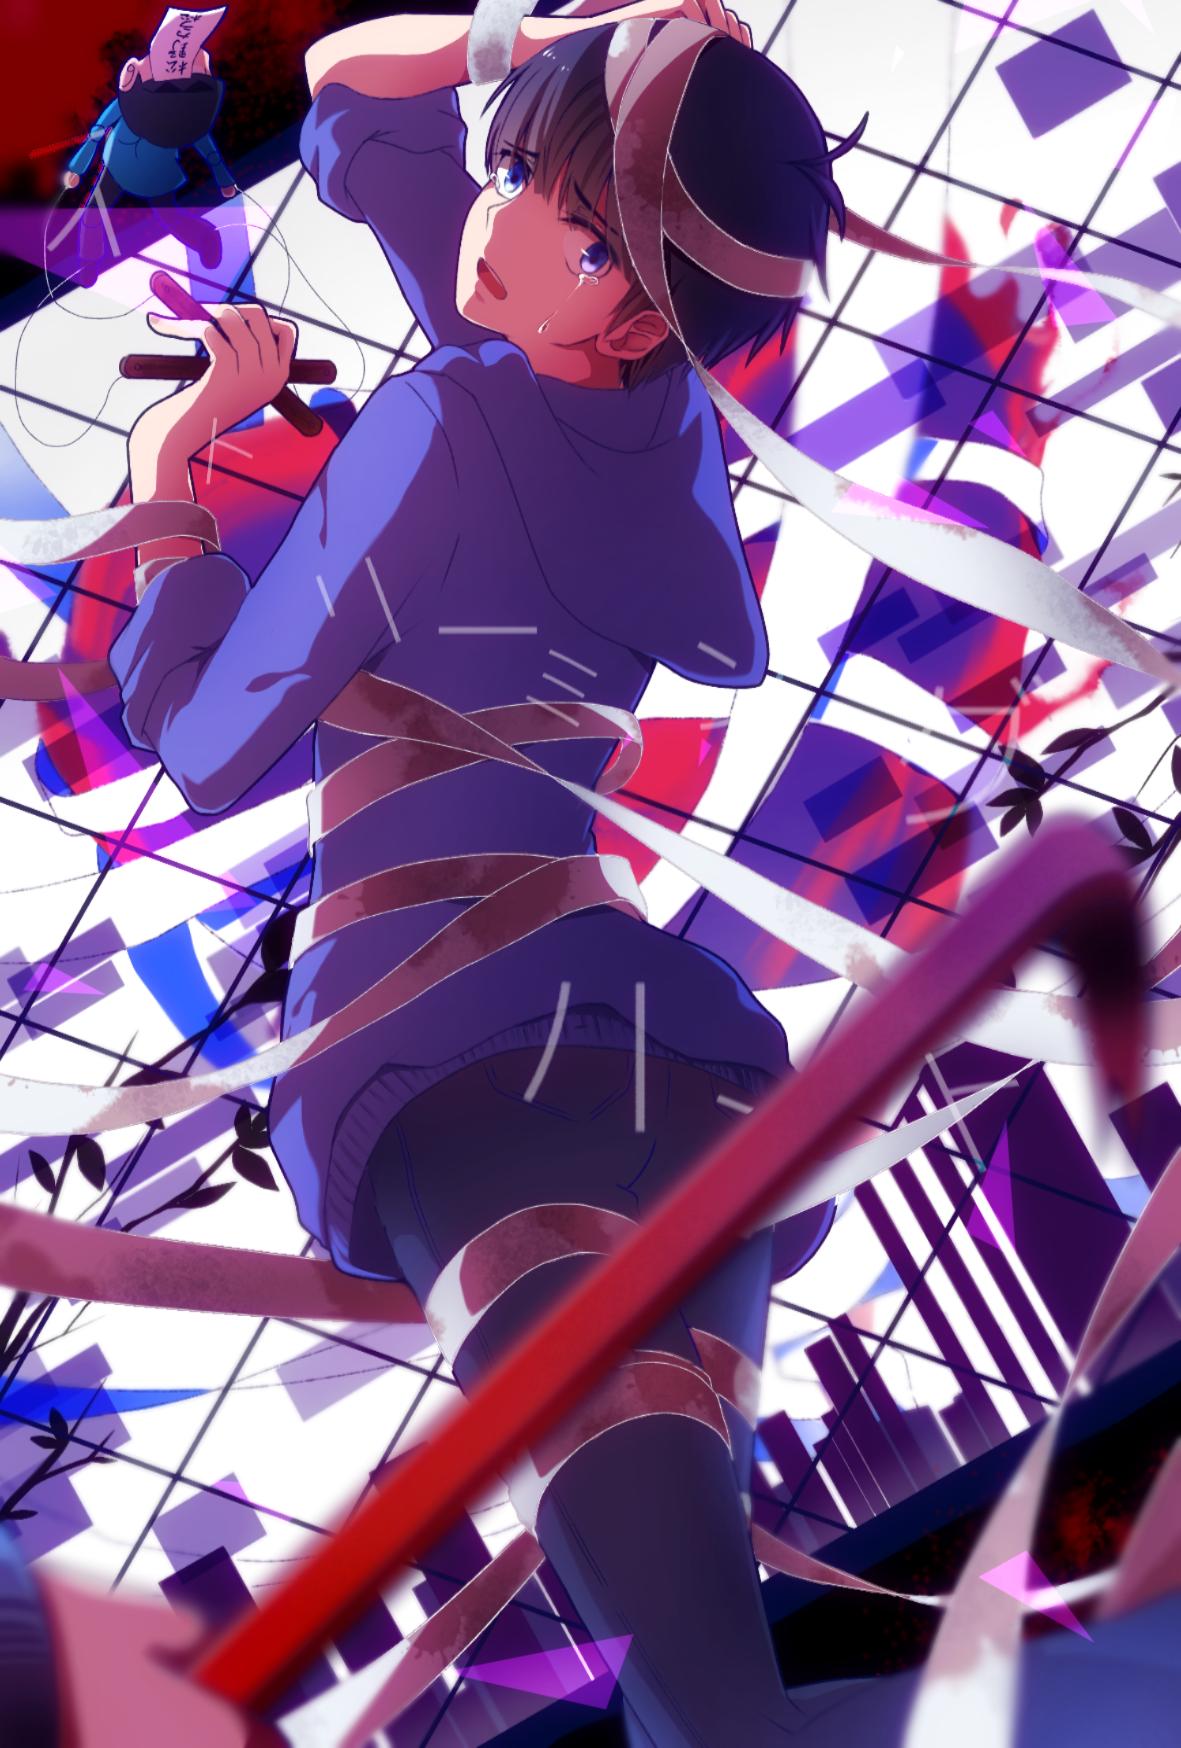 【おそ松さん\u203b自分絵】カラ松